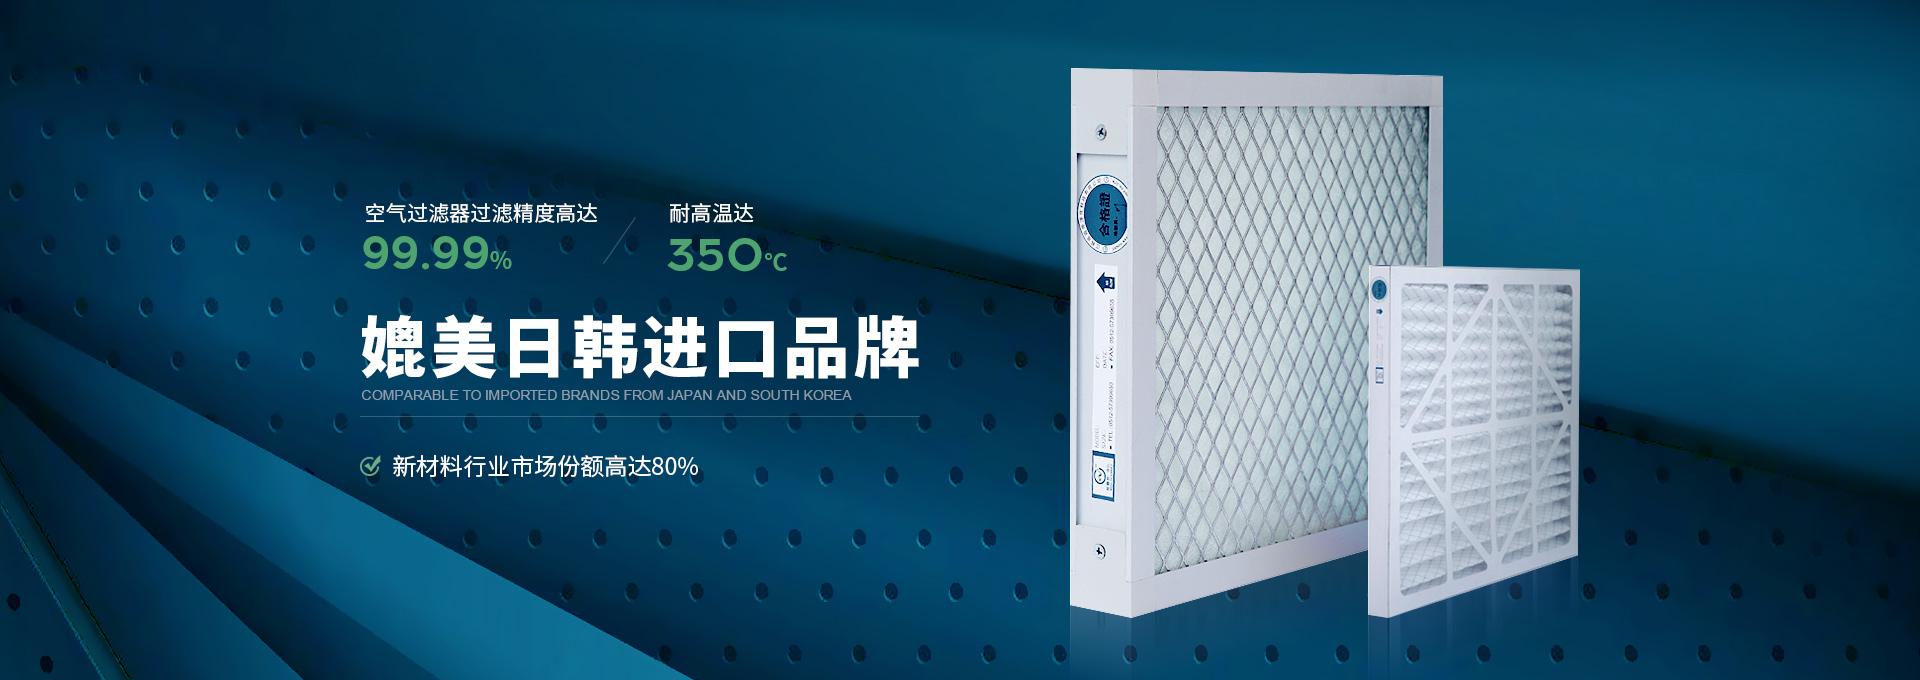 威尔斯净化空气过滤器过滤精度高达99.99%,耐高温达350℃,媲美日韩进口品牌